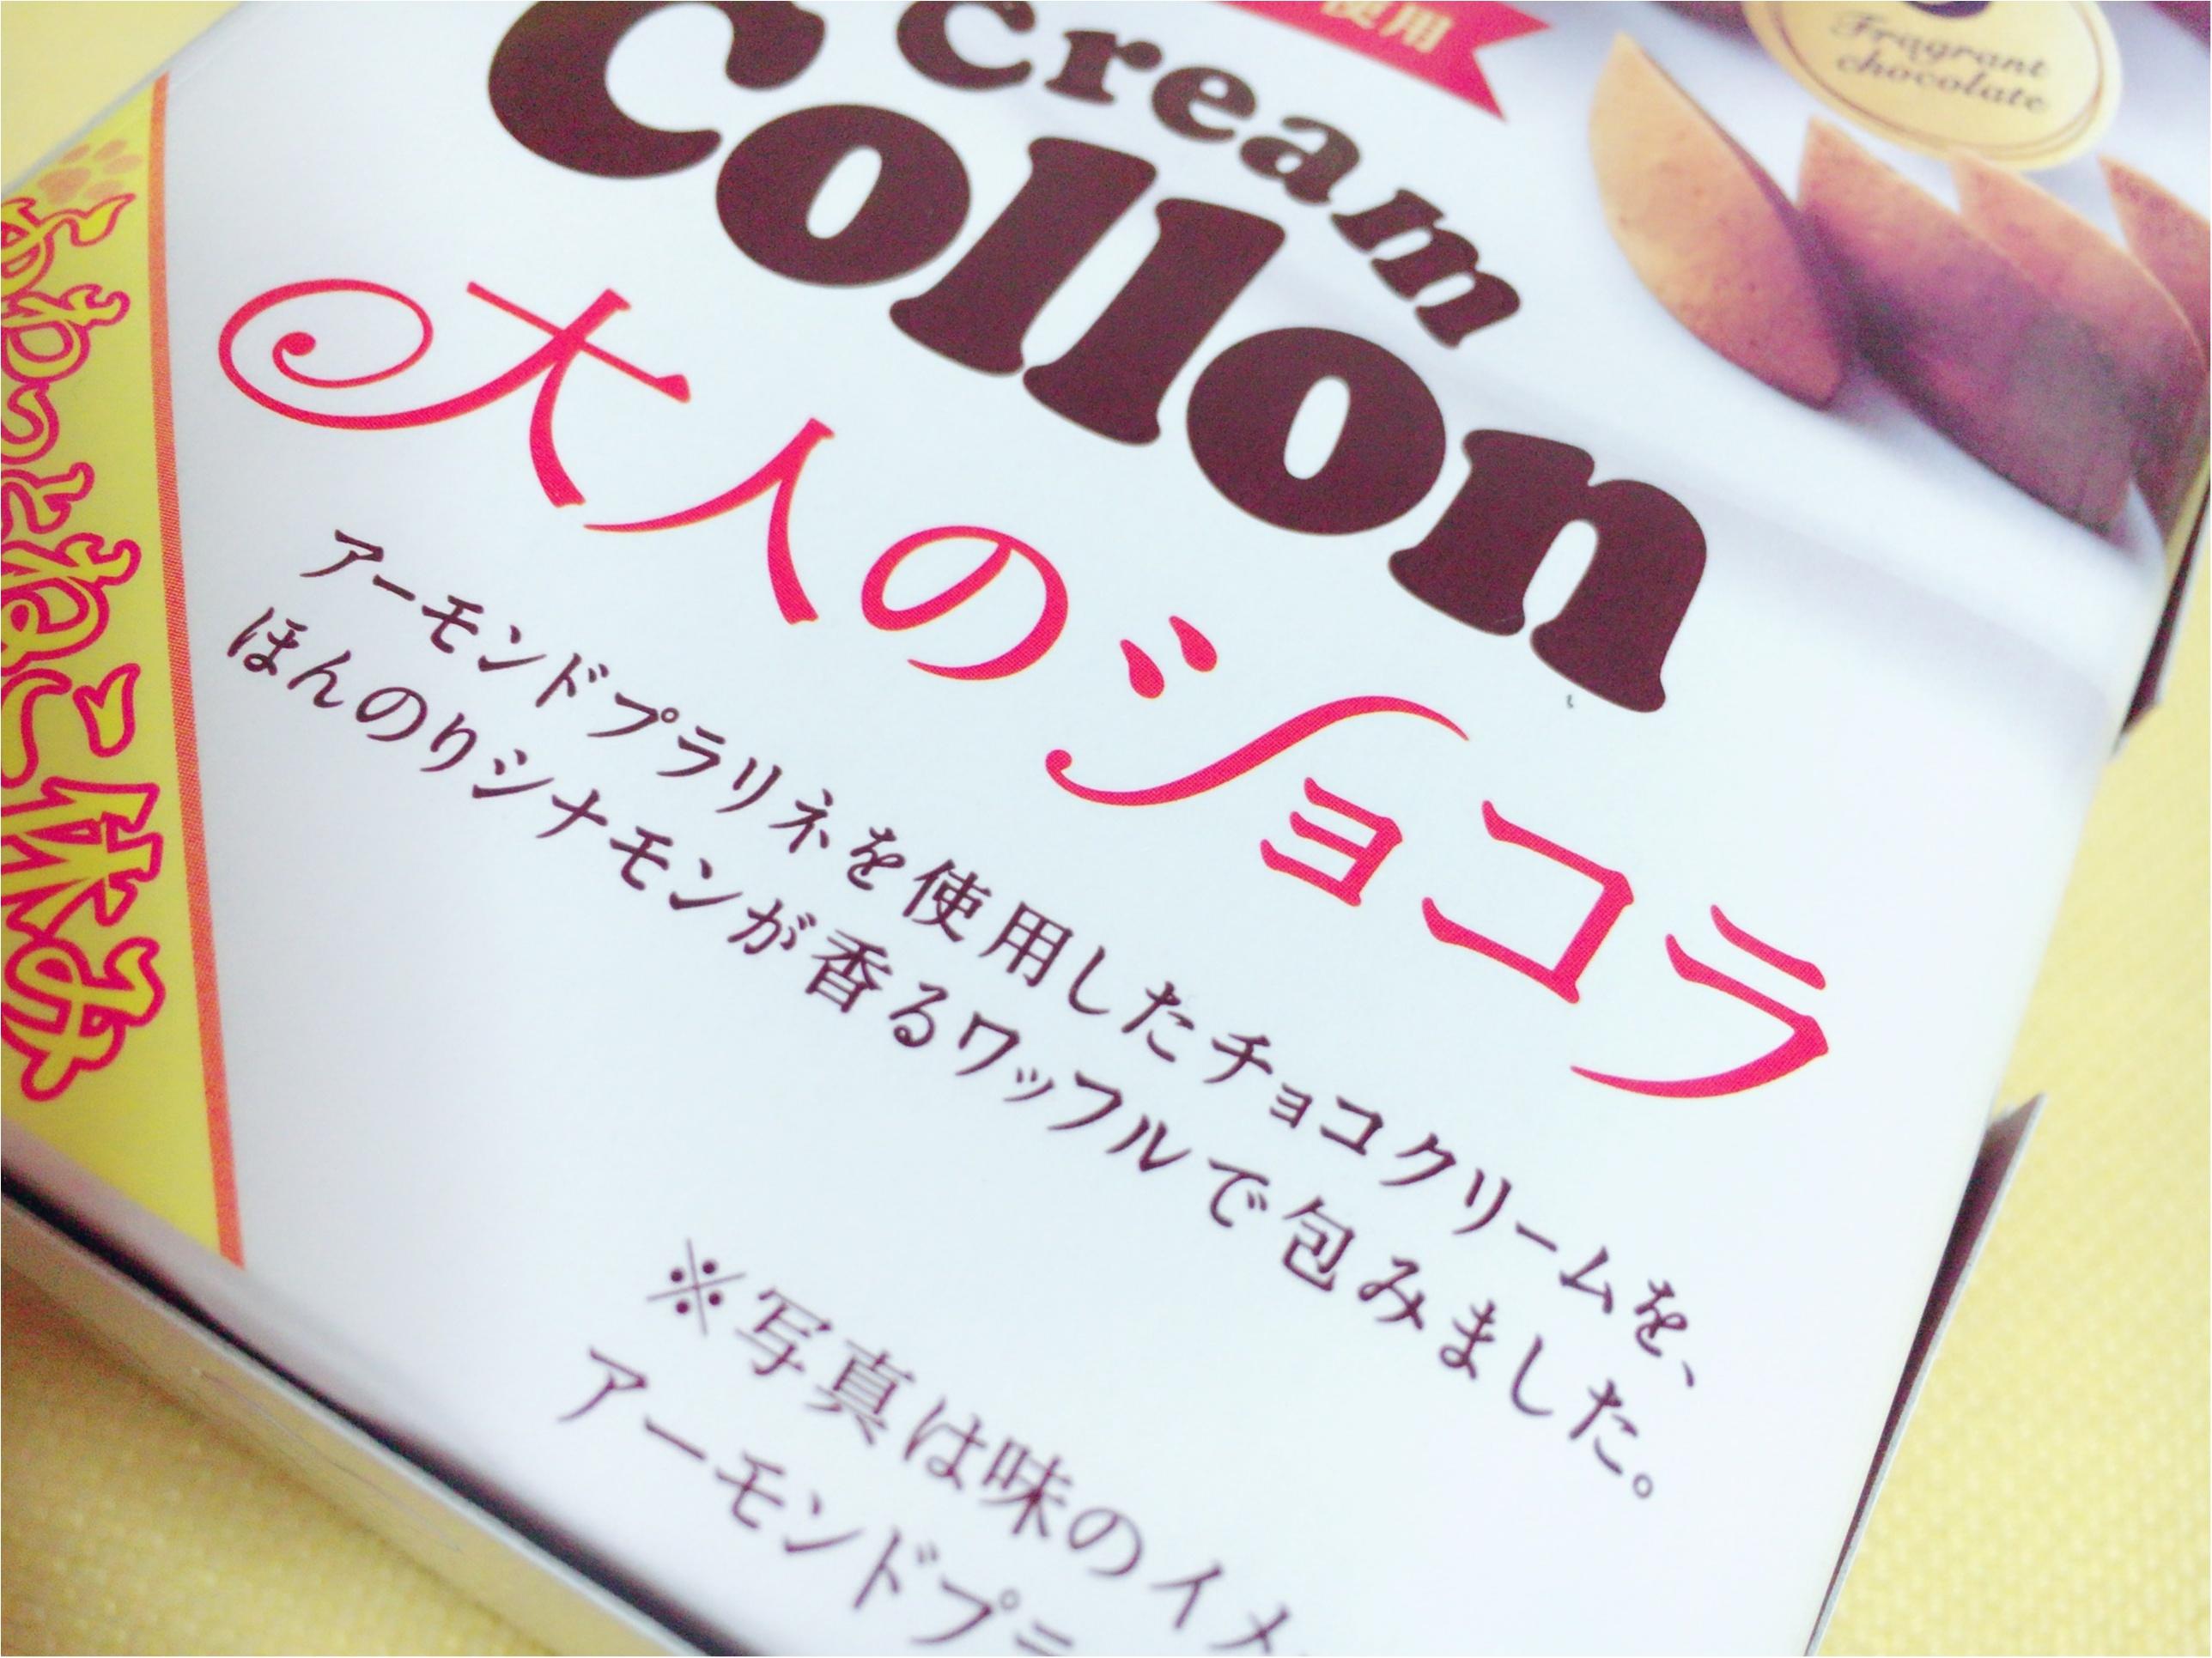 最近ハマったのはこれ!ふんわり癒しのチョコレート【大人のクリームコロン】❤️_3